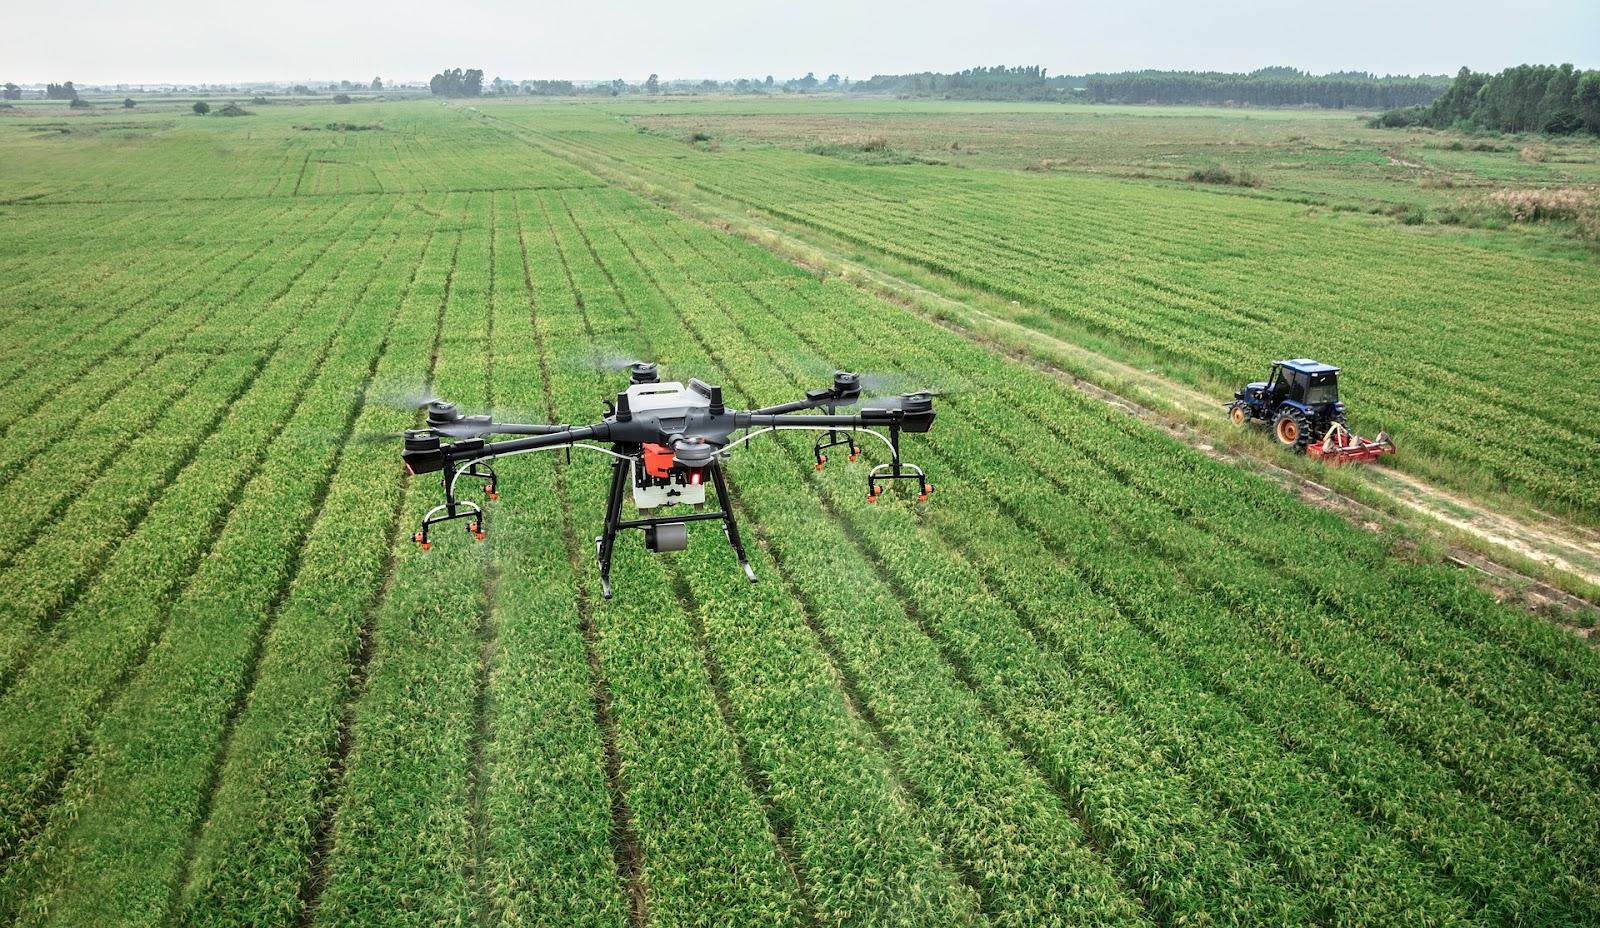 Os drones voam automaticamente pela propriedade e mapeiam informações de forma prática e precisa (Fonte: Pixabay)